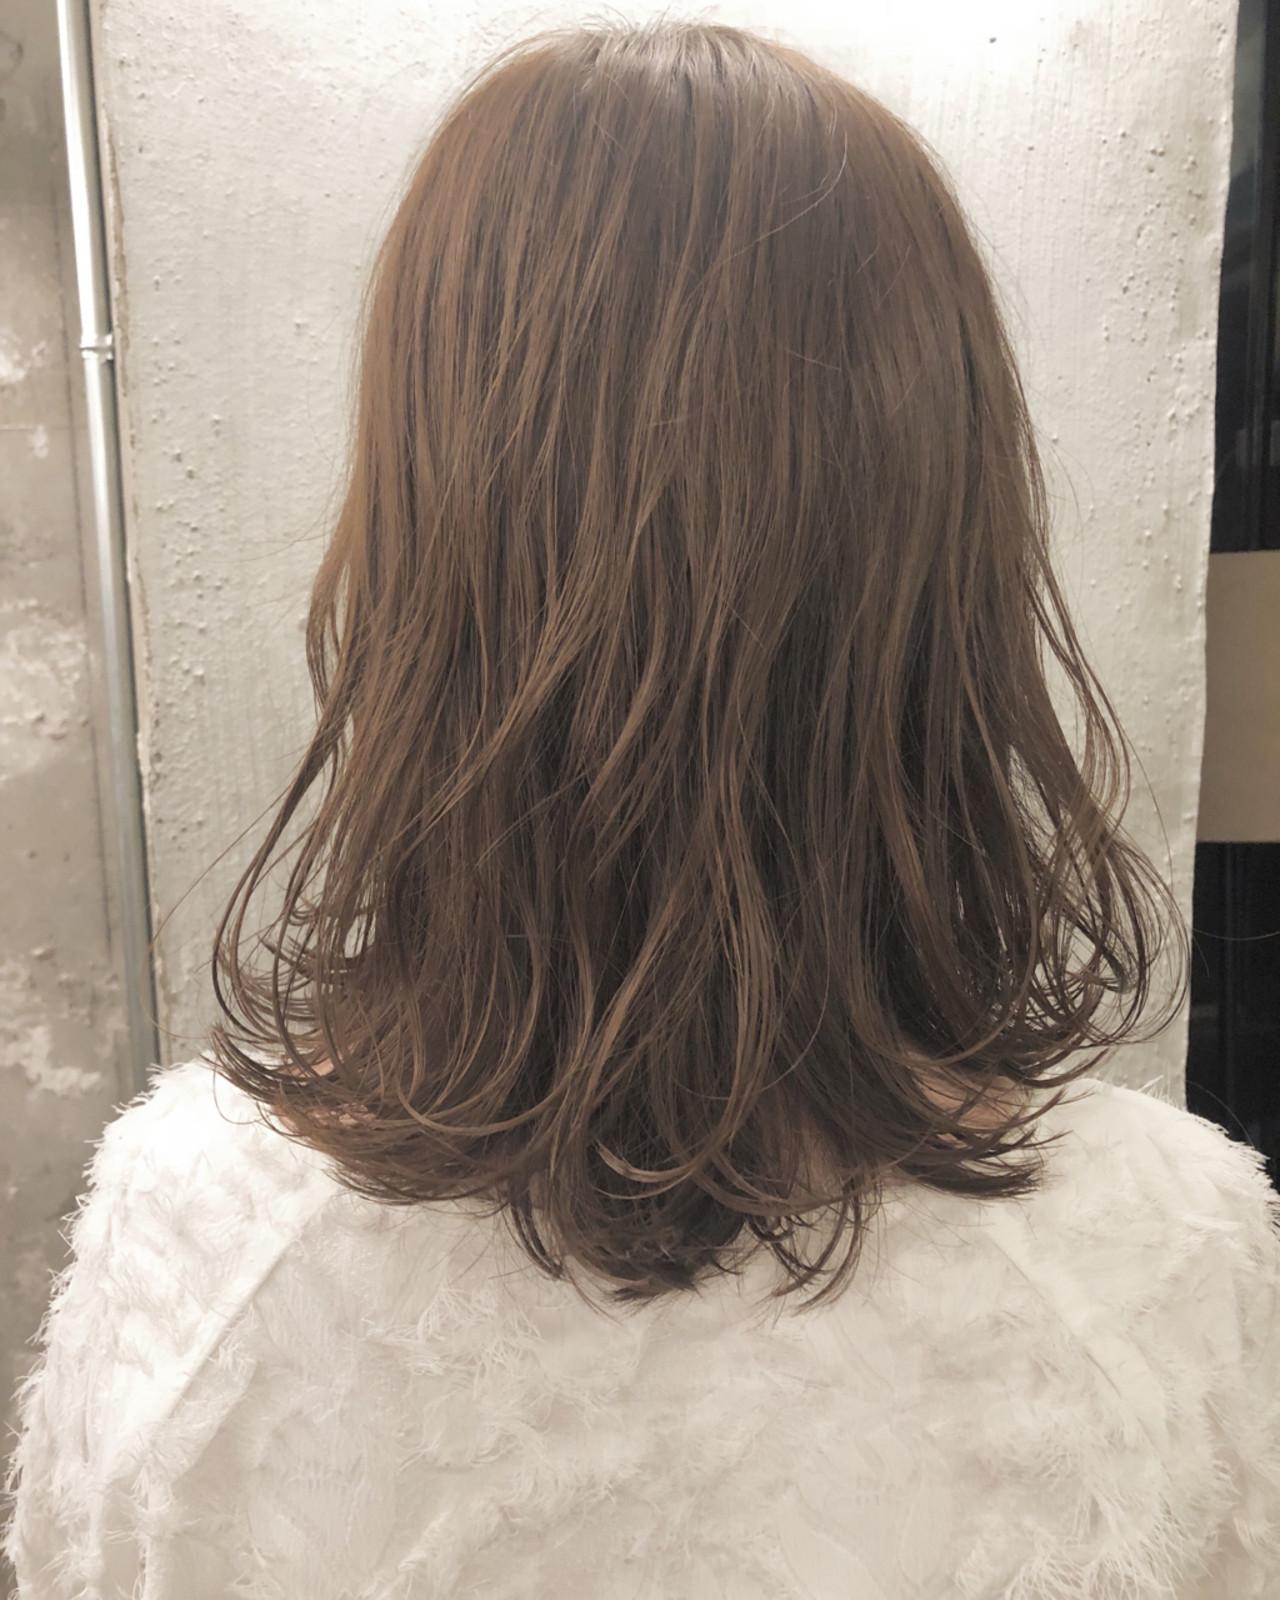 透明感 ハイライト 切りっぱなし おフェロヘアスタイルや髪型の写真・画像